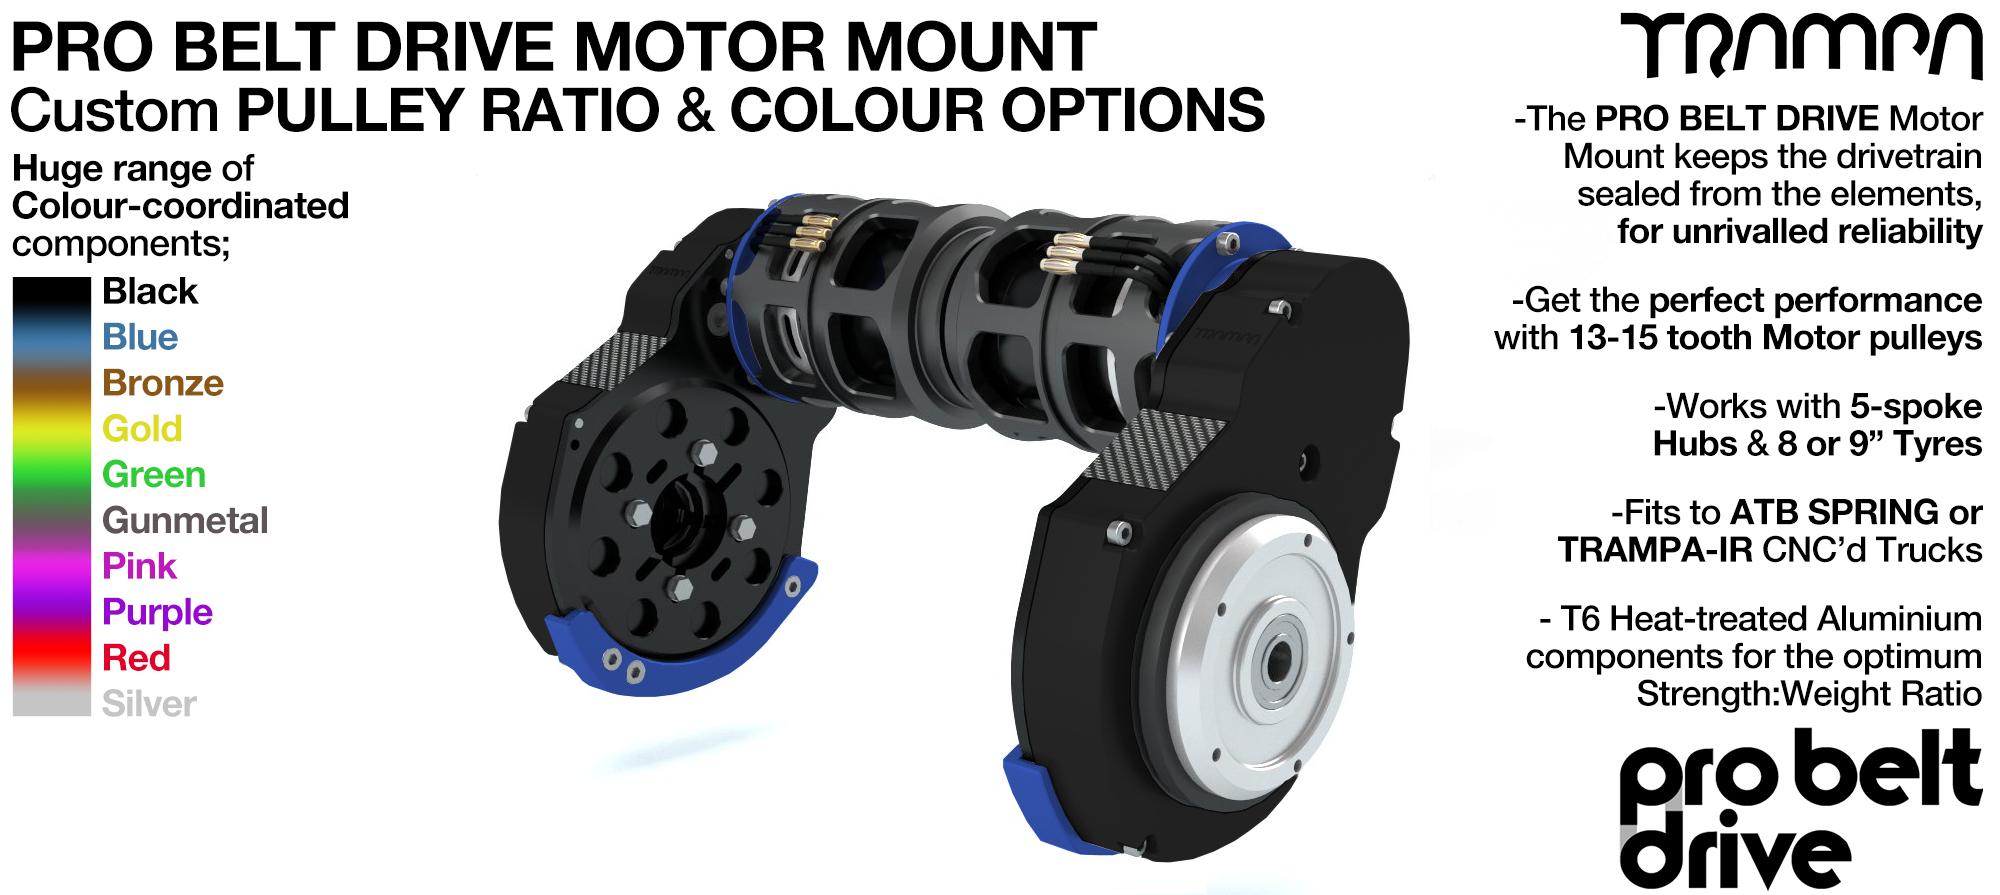 Mountainboard PRO Belt Drive TWIN Motor Mounts with Motors - Custom